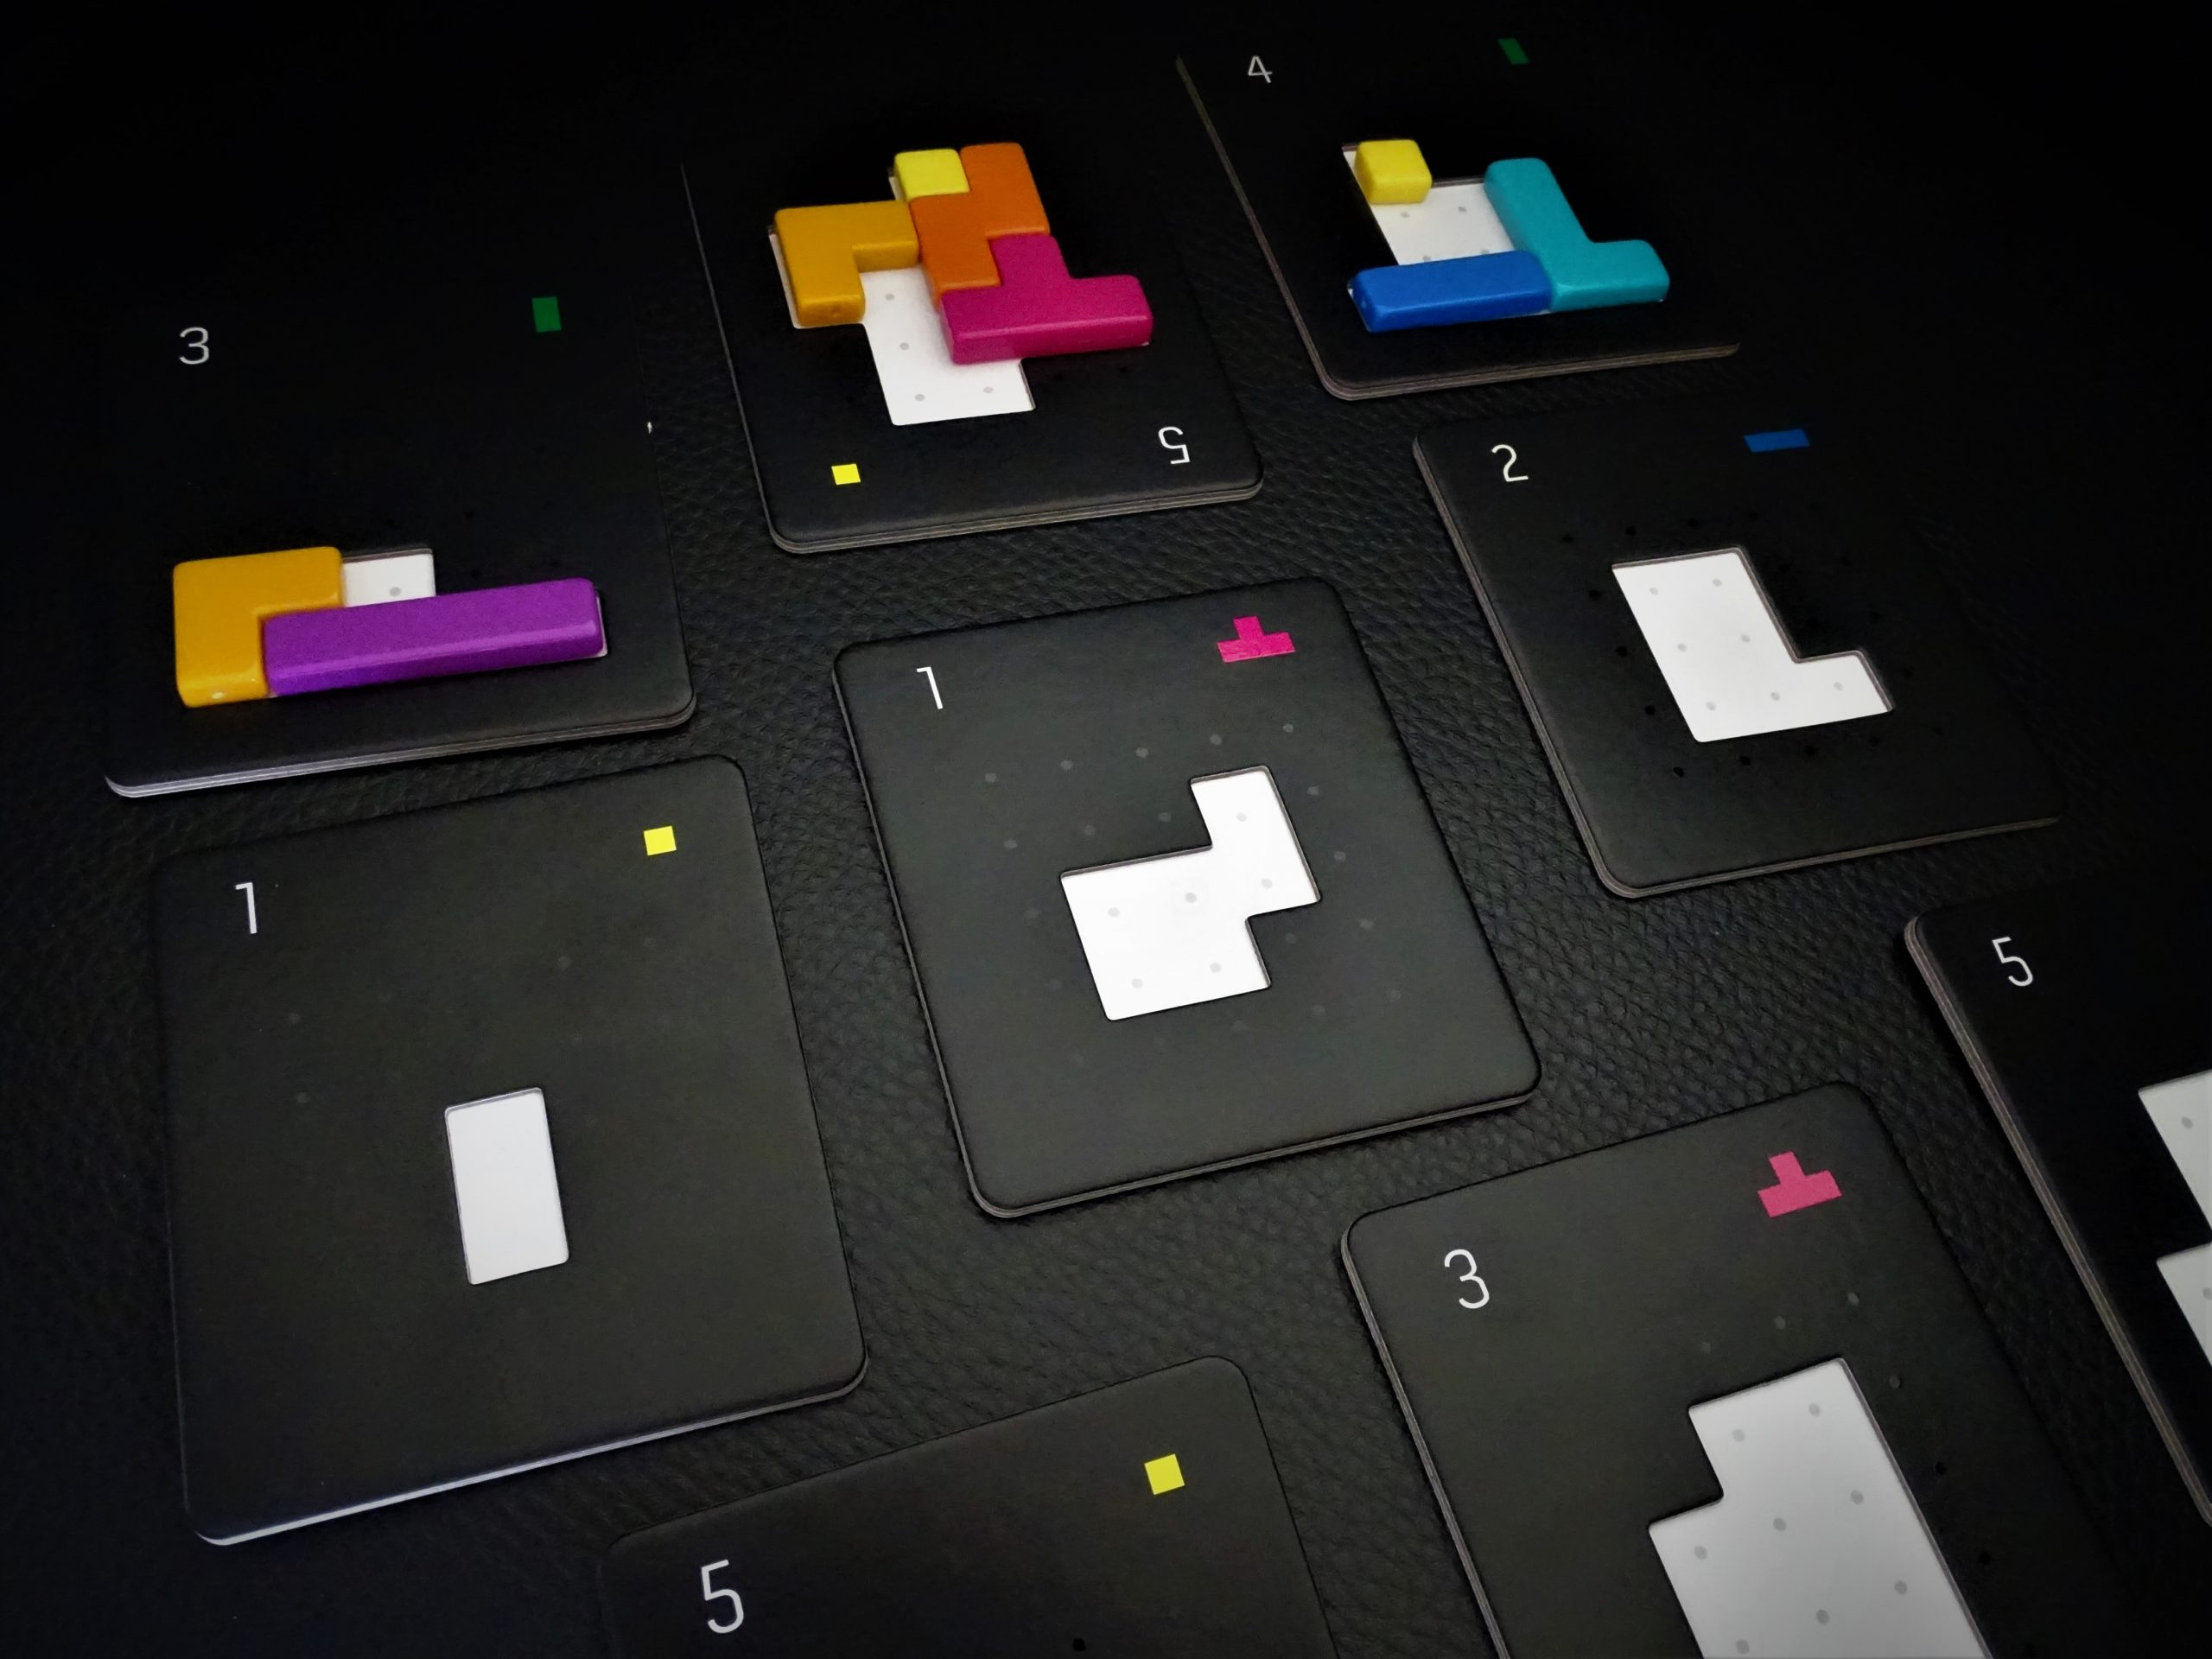 Die Puzzles zeigen Belohnungspunkte und Belohnungspuzzleteile